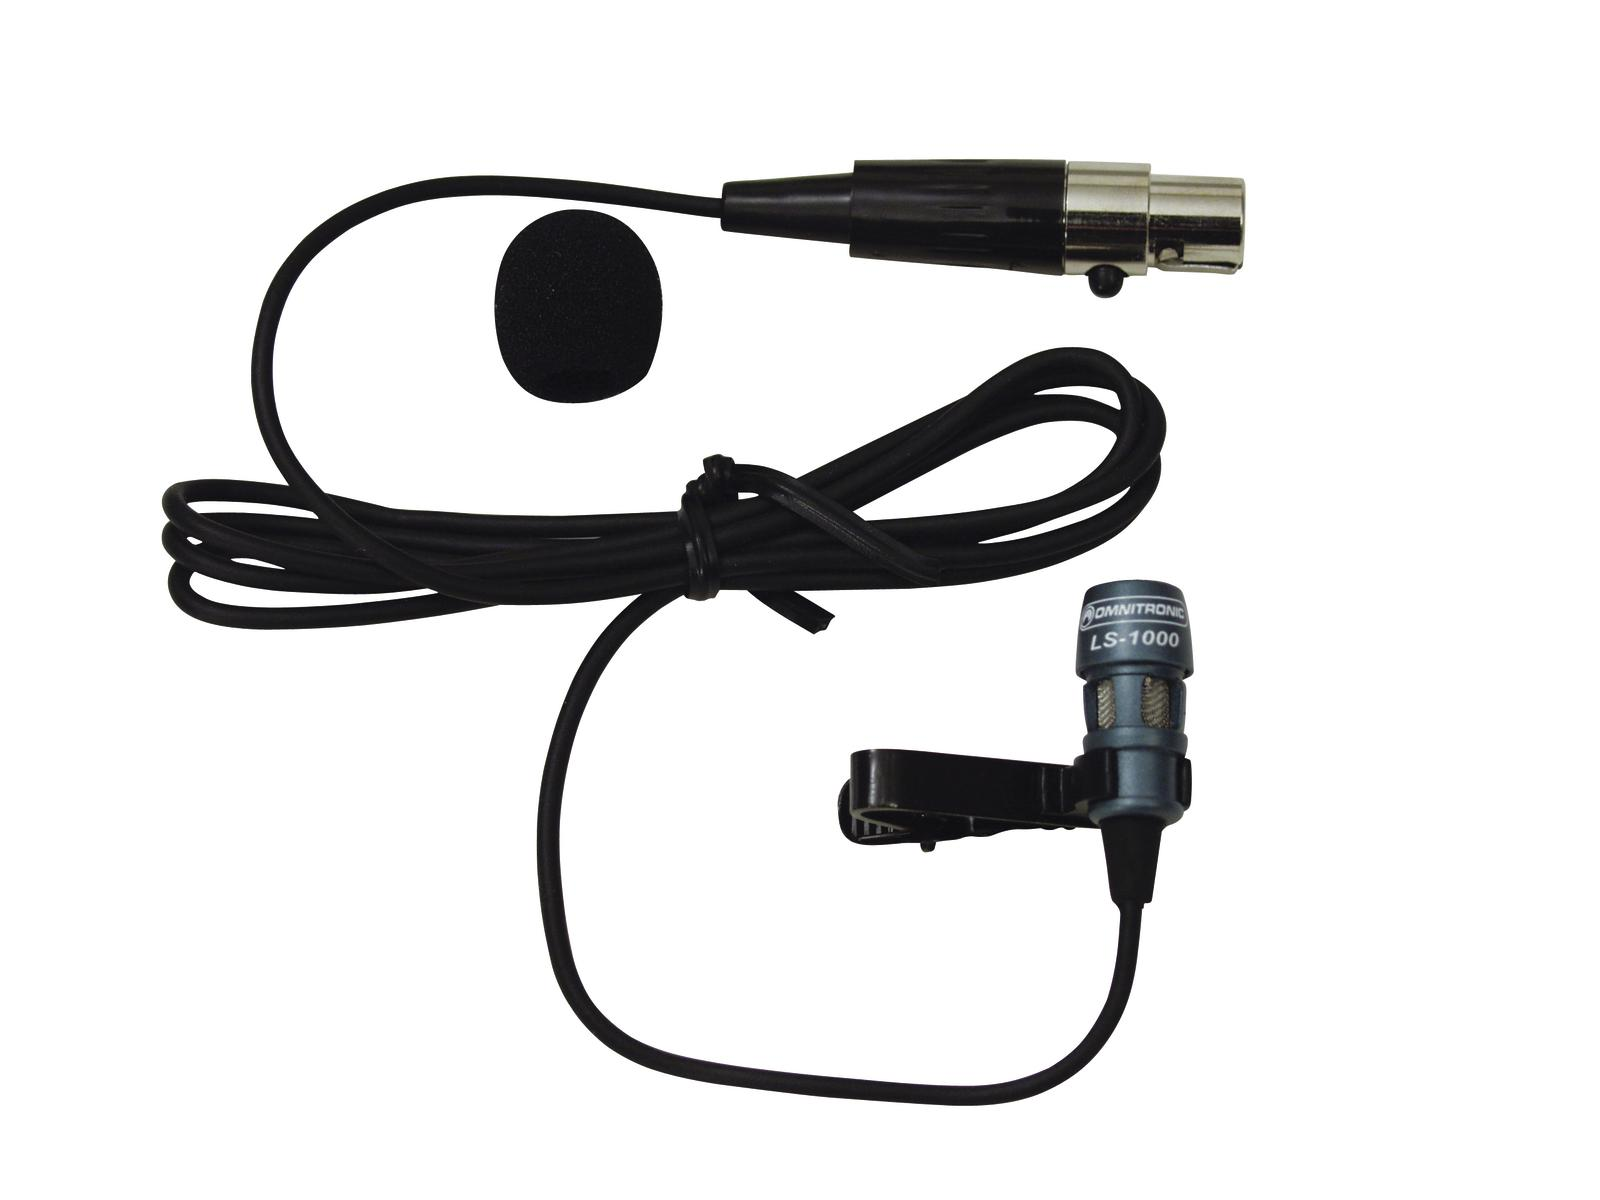 Microfono lavalier pulce OMNITRONIC LS-1000 XLR